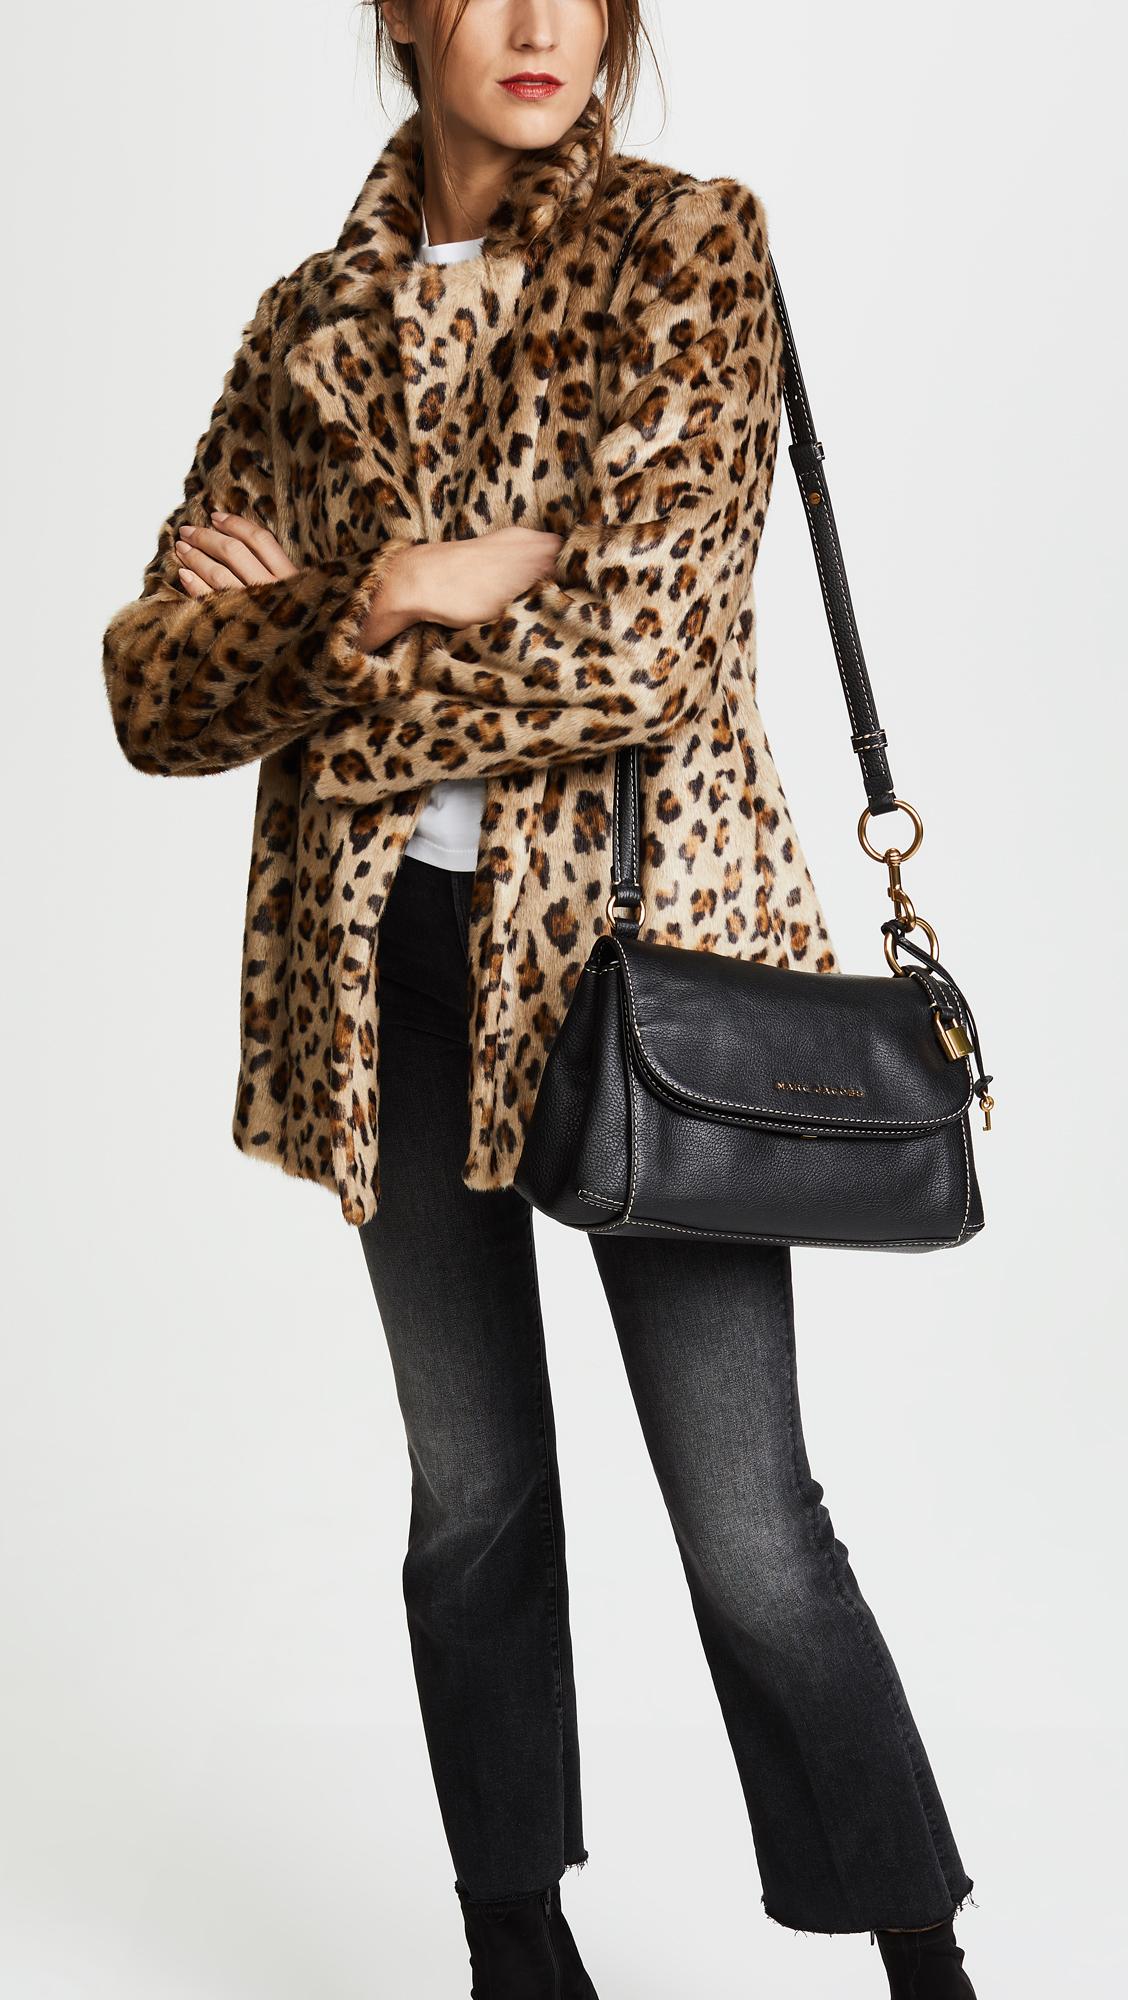 b0c0541a98 Marc Jacobs Boho Grind Shoulder Bag | SHOPBOP